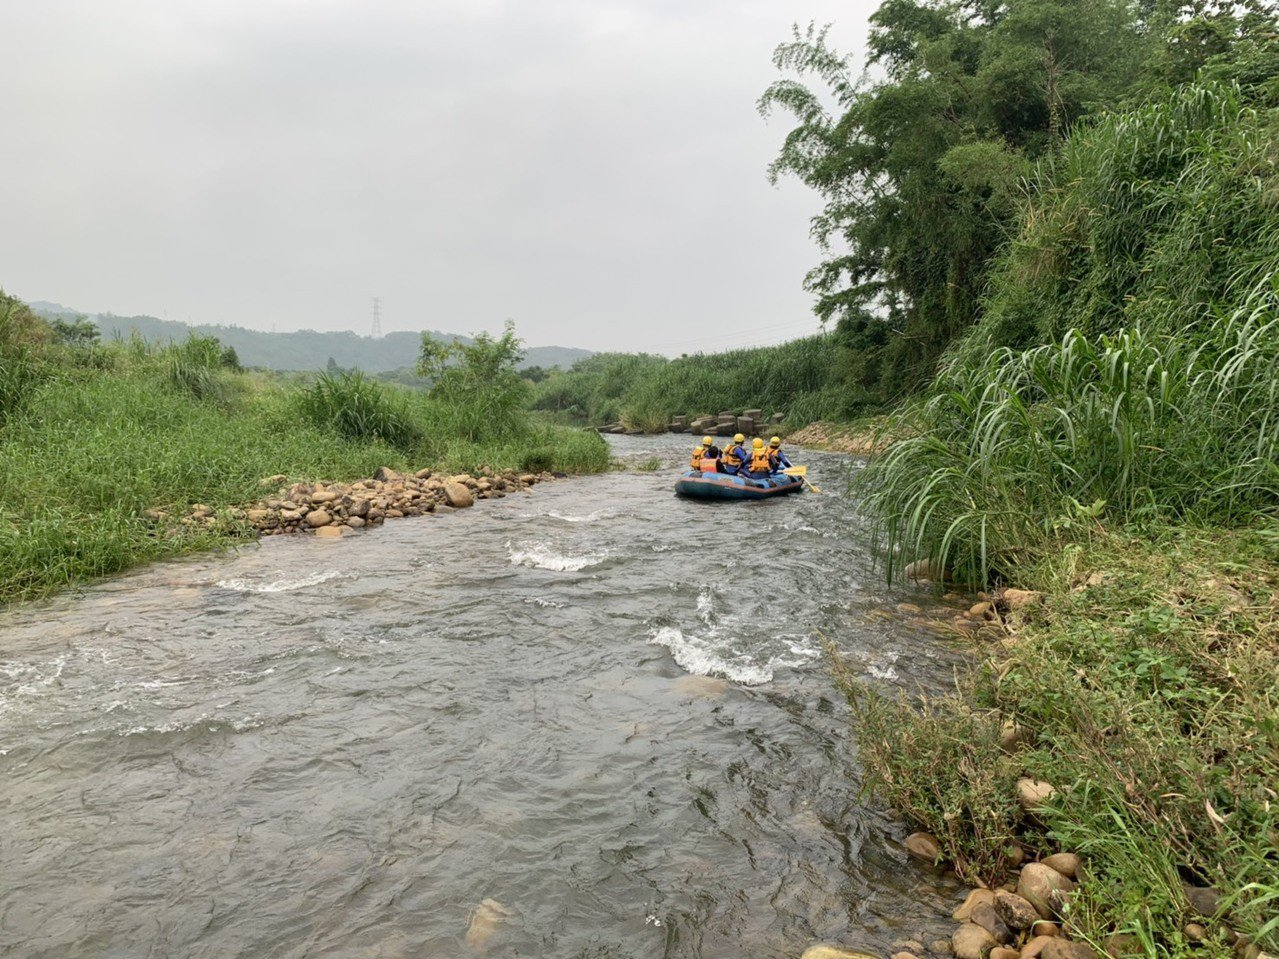 周姓女釣客在西湖溪失蹤,苗栗縣消防局進行搜救,清晨尋獲遺體。圖/苗栗縣消防局提供